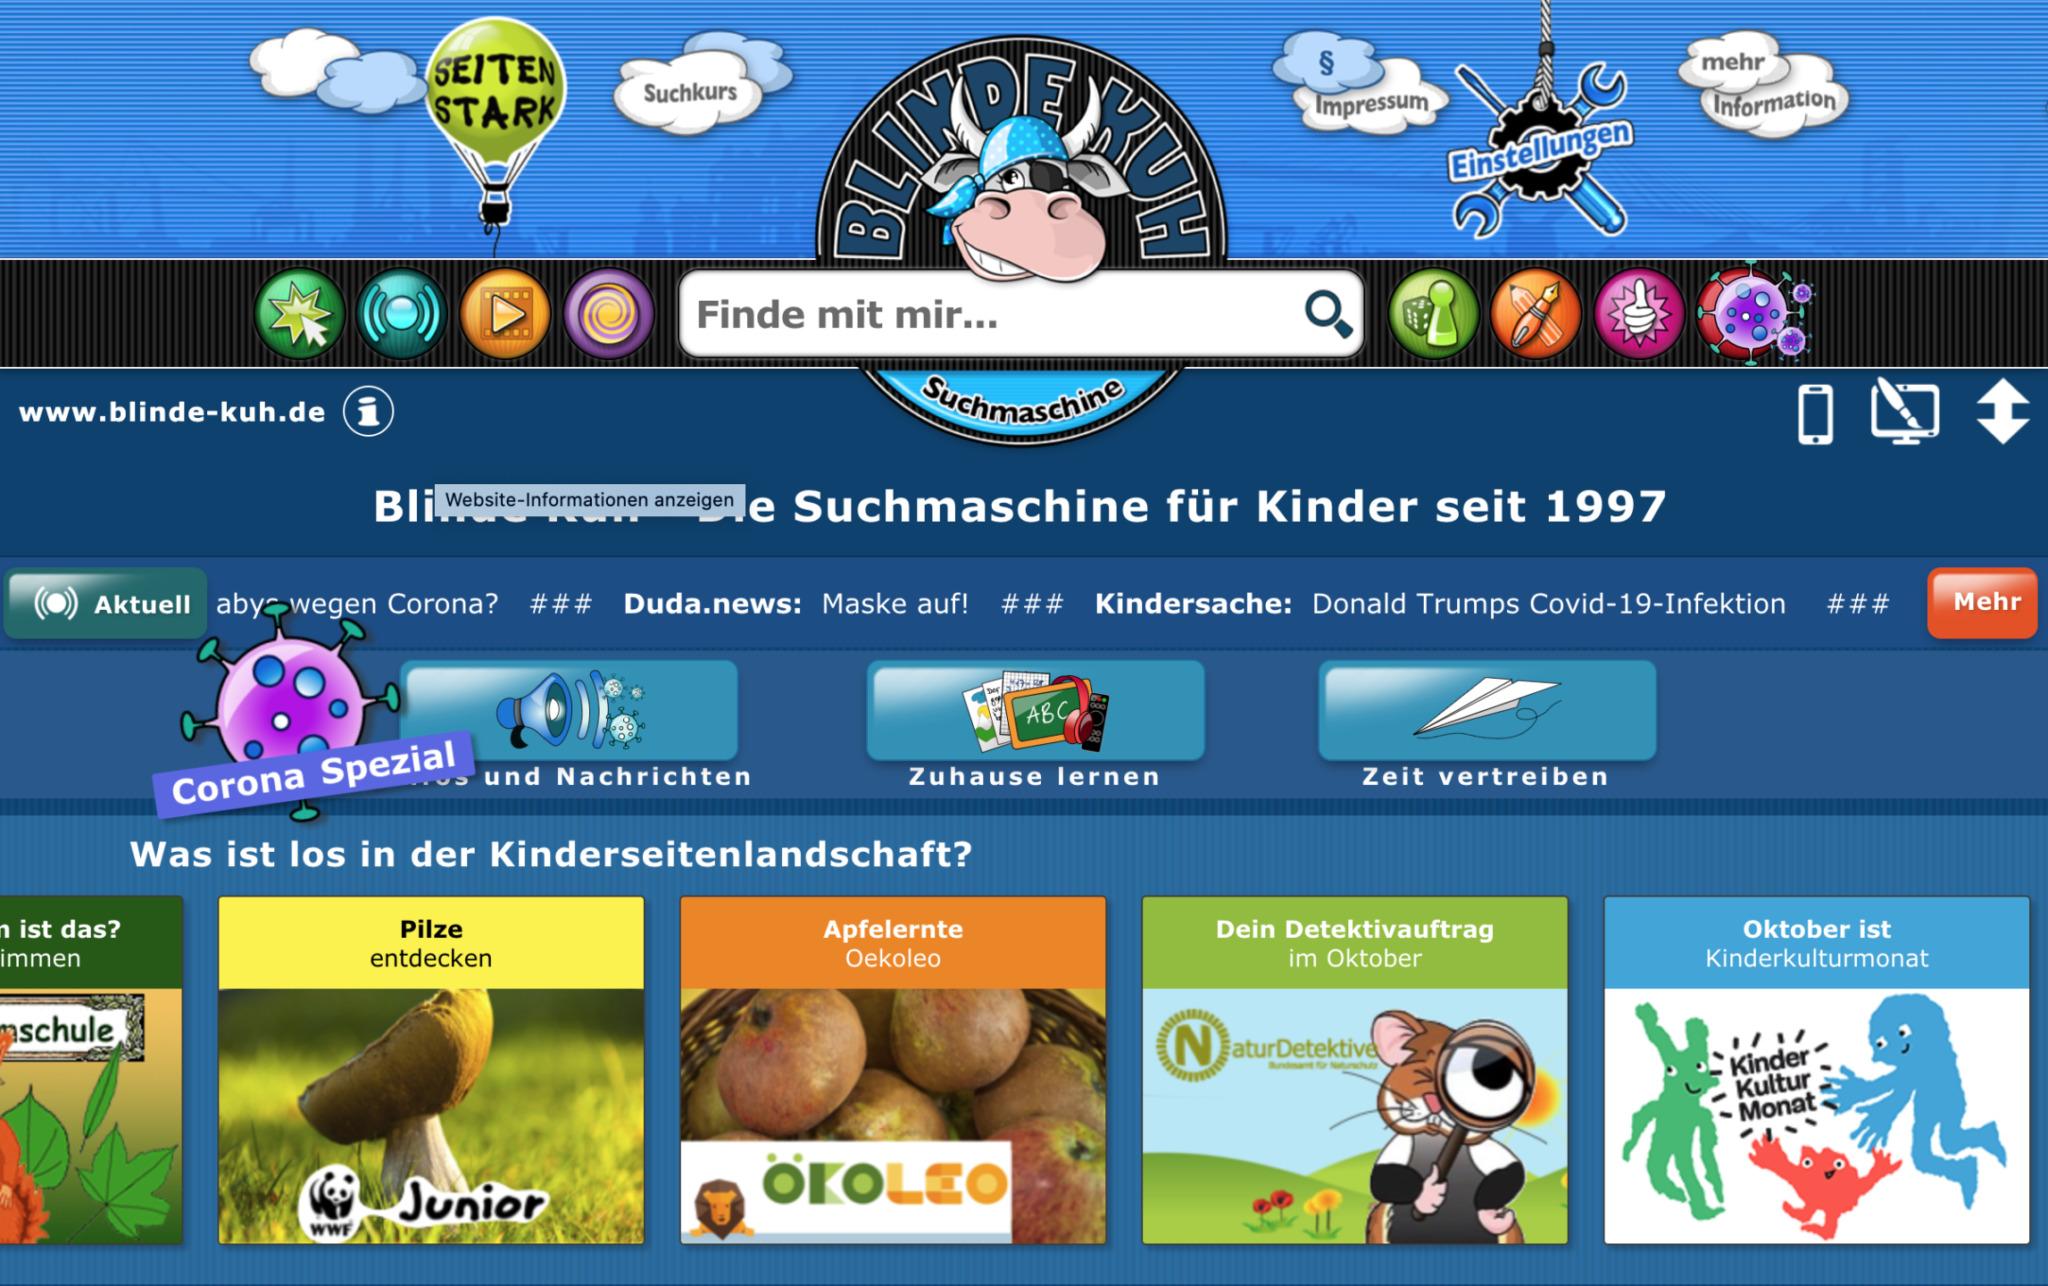 blinde-kuh.de: die älteste Suchmaschine für Kinder